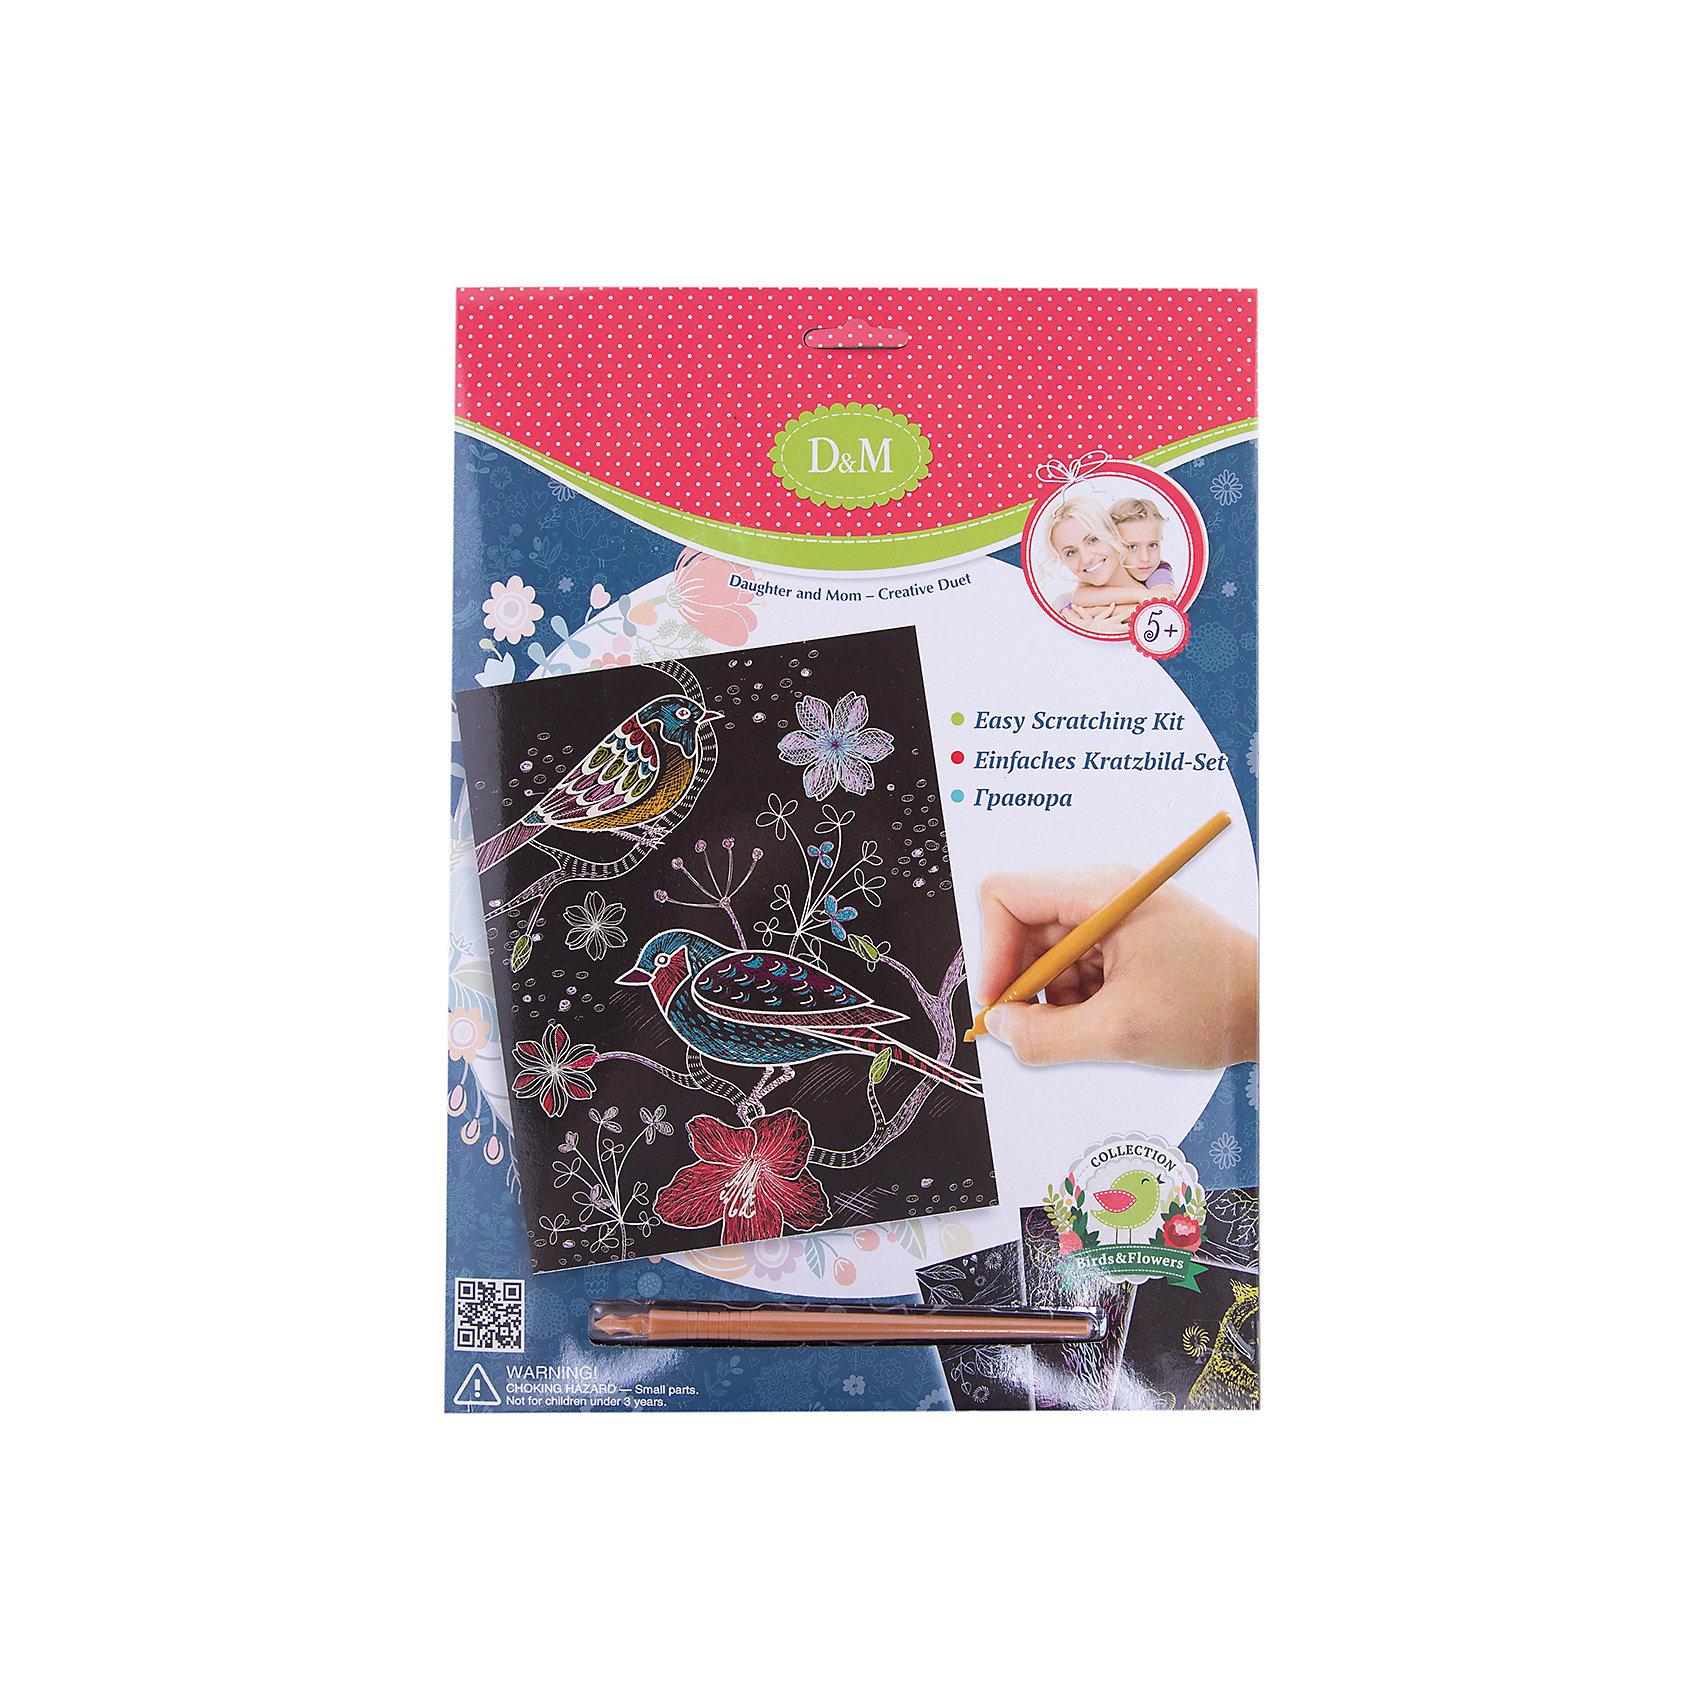 Гравюра Цветы и птицыГравюры<br>Набор для творчества Гравюра Цветы и птицы поможет Вашему ребенку развить свои творческие способности. С помощью основы и штихеля можно создать замечательную гравюру с изображением красивых птичек в окружении цветов. Техника выполнения достаточно проста и не представляет сложностей для ребенка: нужно просто процарапать специальным штихелем нанесенный на черный фон контур рисунка, и из под слоя краски появится изображение. Картинка украсит комнату ребенка или станет подарком, сделанным собственными руками для его друзей и родственников. Набор способствует развитию усидчивости, мелкой моторики и творческого мышления.<br> <br>Дополнительная информация:<br><br>- В комплекте: заготовка для гравюры с контурами, 1 штихель.<br>- Размер упаковки: 32 х 23 х 1 см.<br>- Вес: 96 гр.<br><br>Гравюру Цветы и птицы, Делай с Мамой, можно купить в нашем интернет-магазине.<br><br>Ширина мм: 235<br>Глубина мм: 5<br>Высота мм: 325<br>Вес г: 110<br>Возраст от месяцев: 60<br>Возраст до месяцев: 2147483647<br>Пол: Женский<br>Возраст: Детский<br>SKU: 4512313